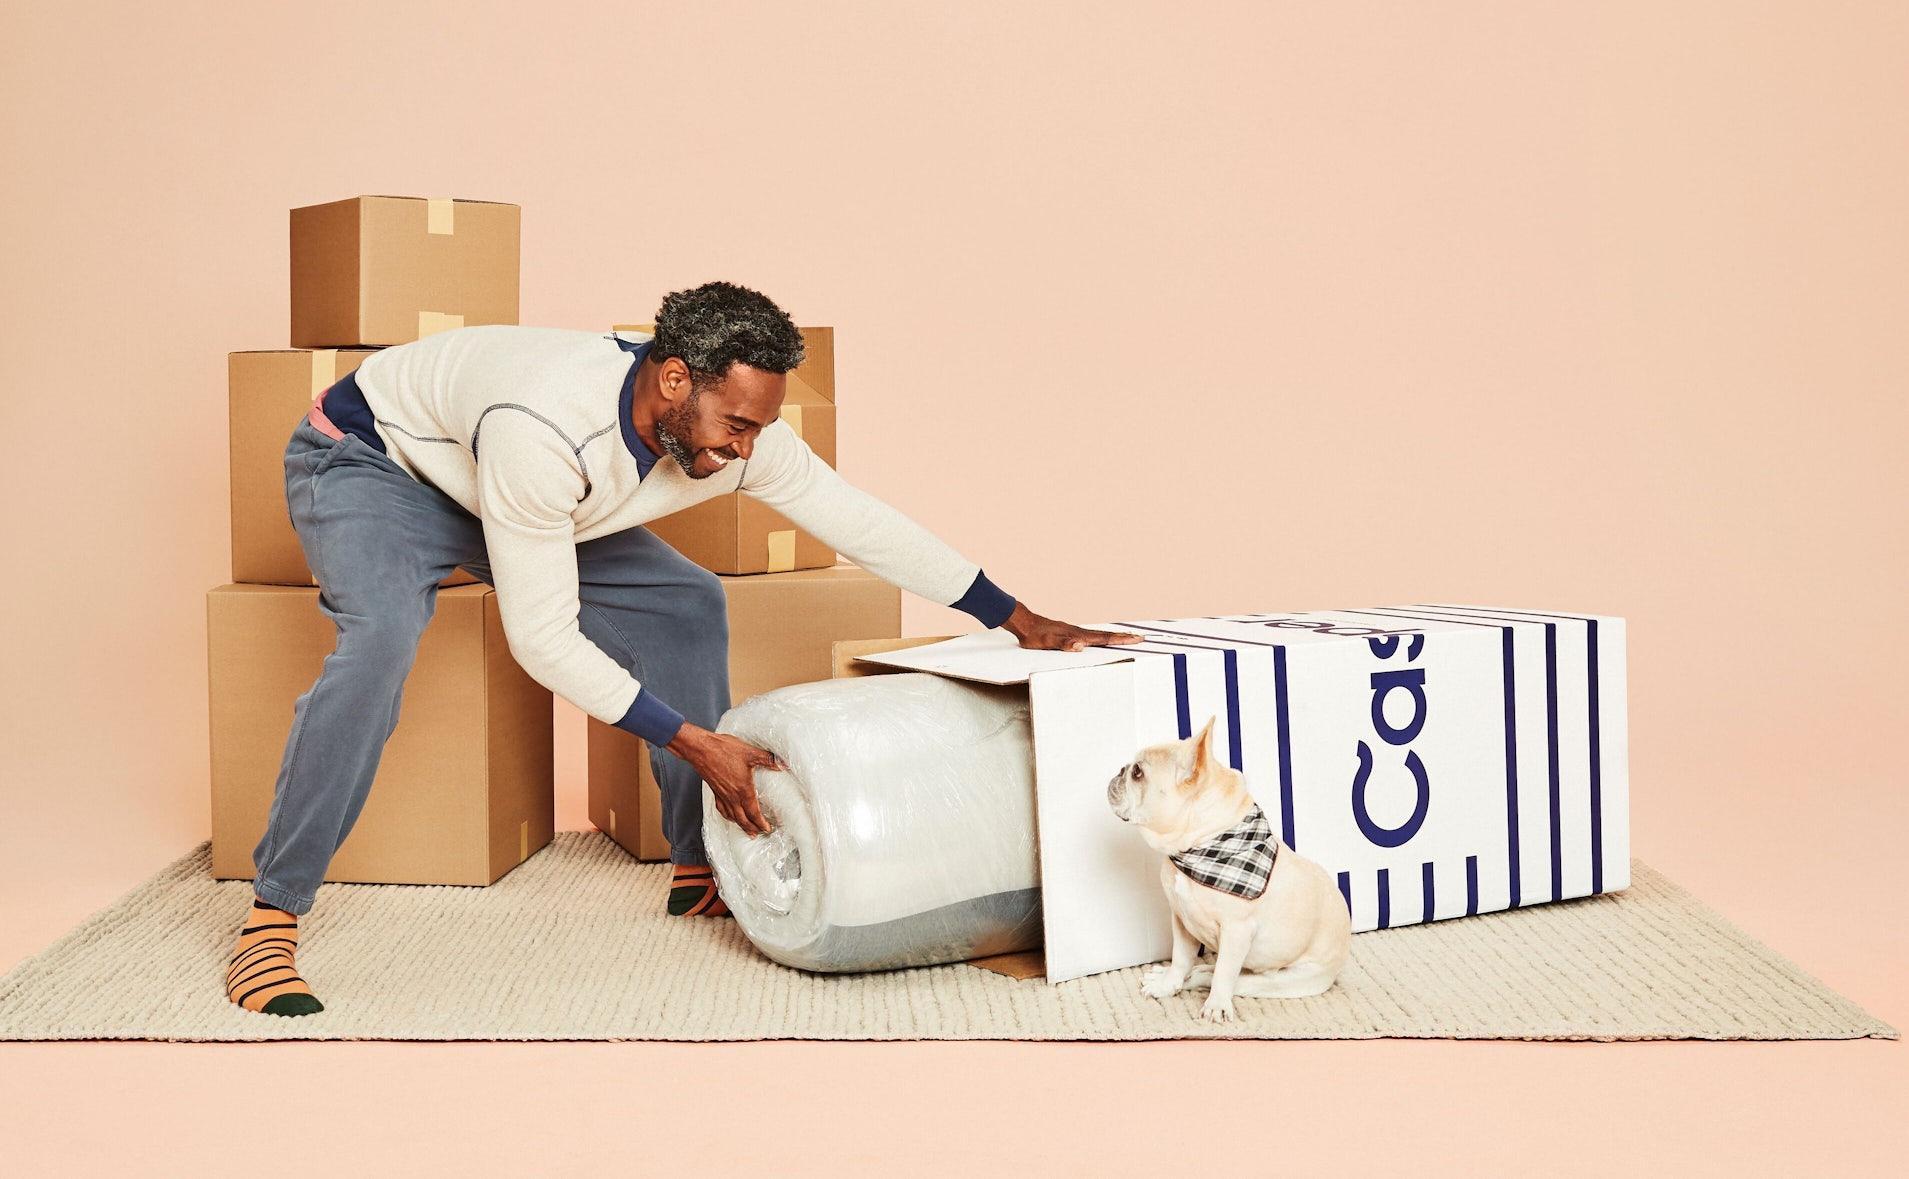 Unboxing a Casper mattress